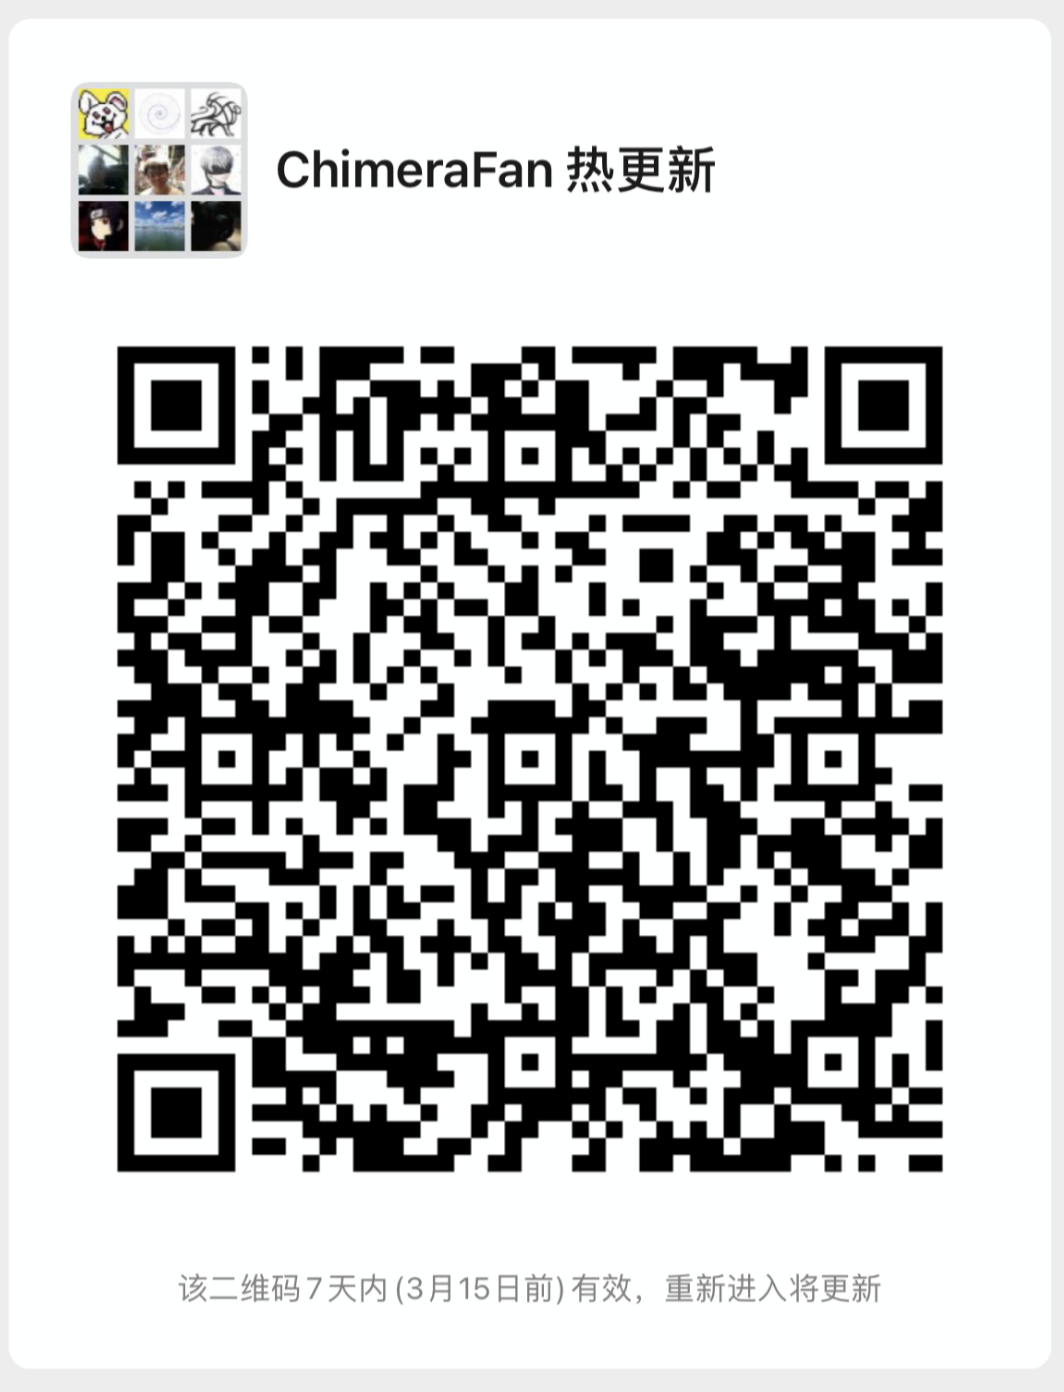 image-20210308102258676